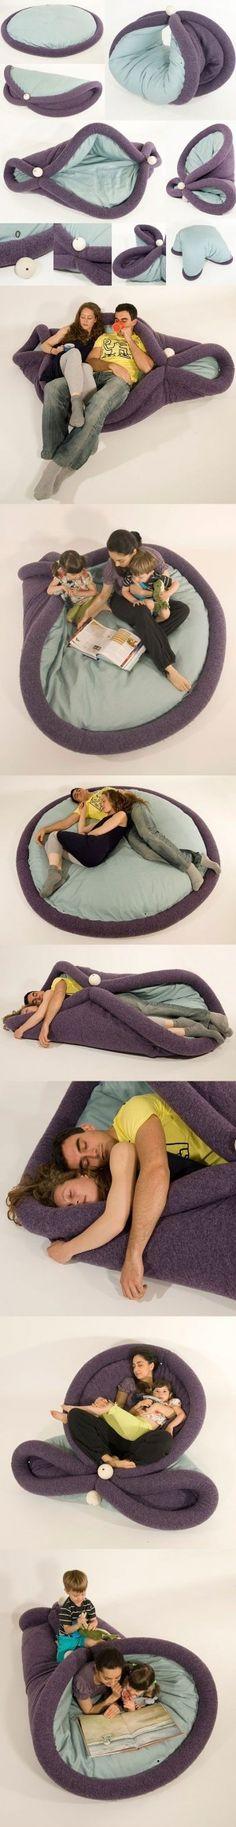 floor pillows5